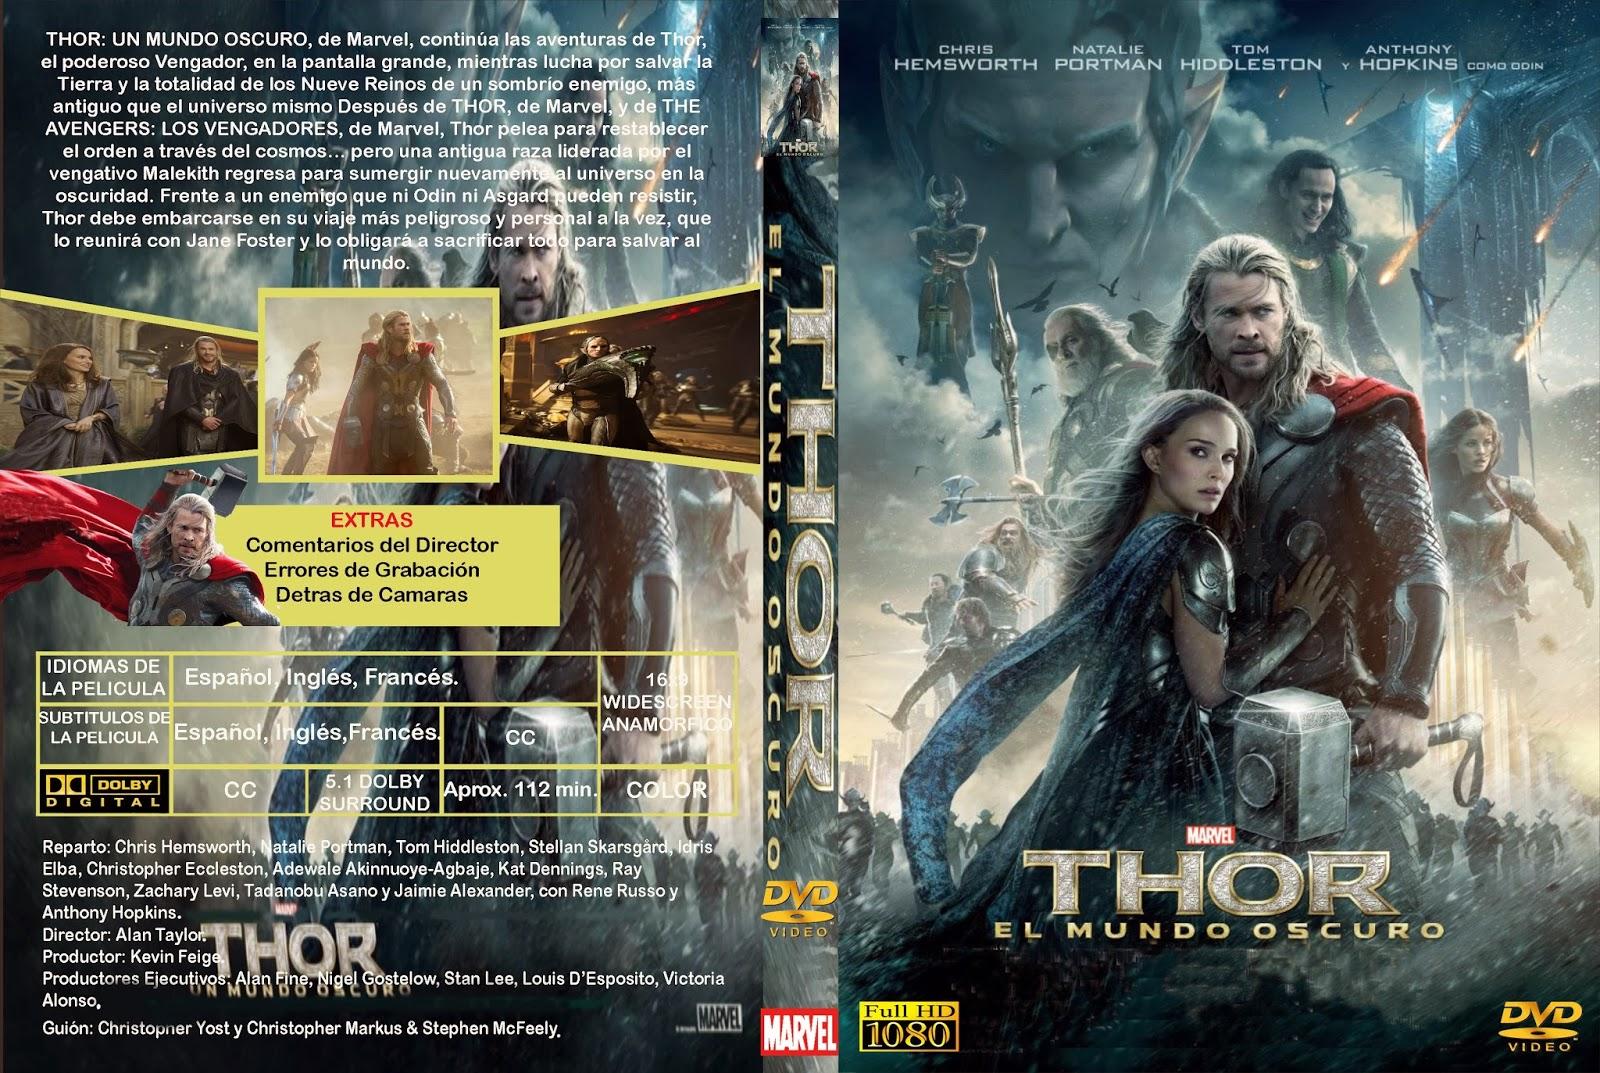 Thor 2 (2013) [Dvdrip Latino] [Zippyshare]